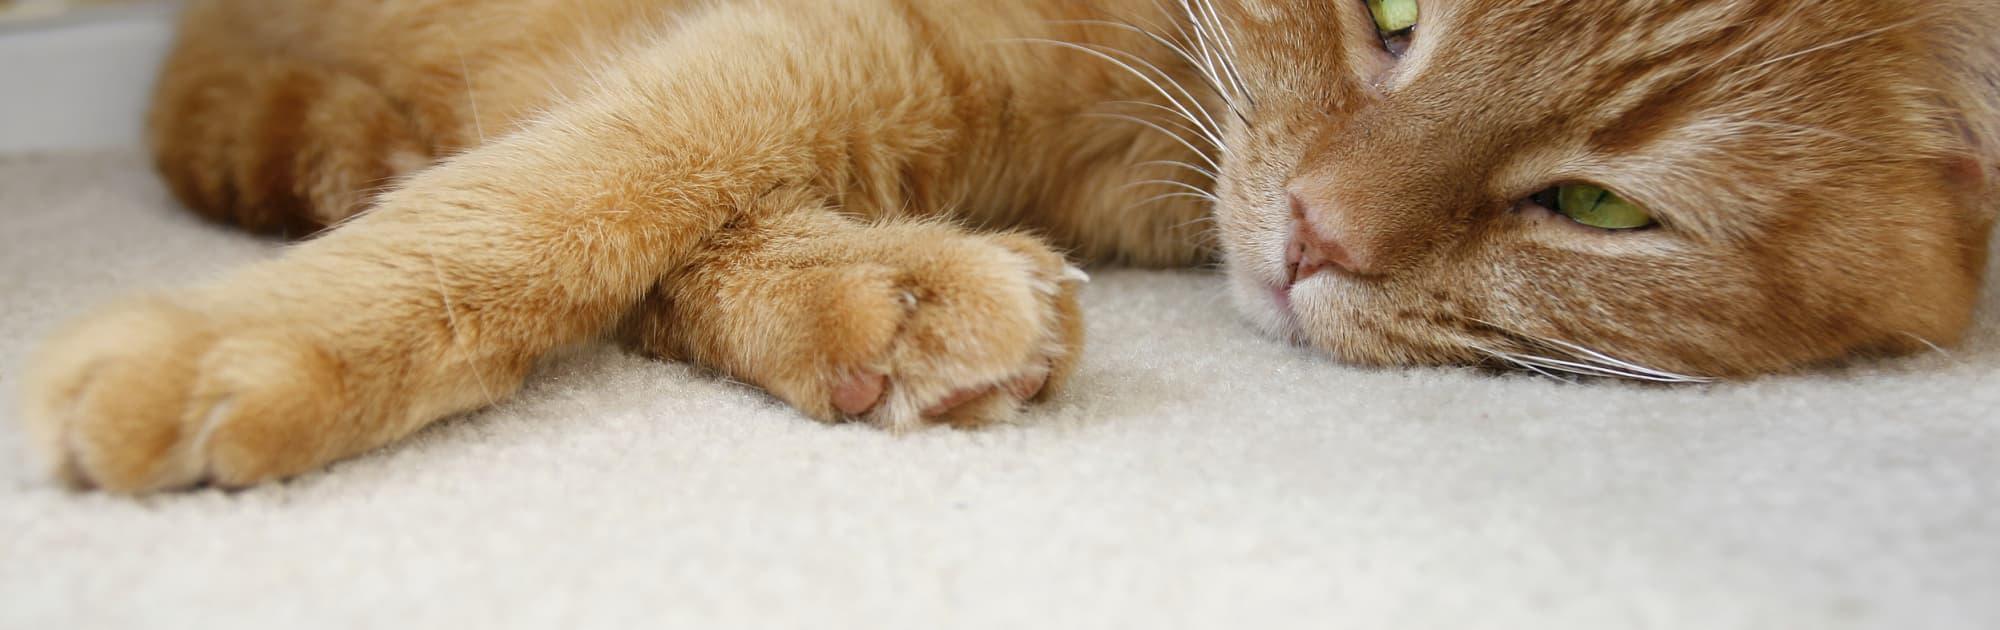 Wie Und Warum Schnurren Katzen? - Spektrum Der Wissenschaft innen Was Bedeutet Es Wenn Eine Katze Schnurrt